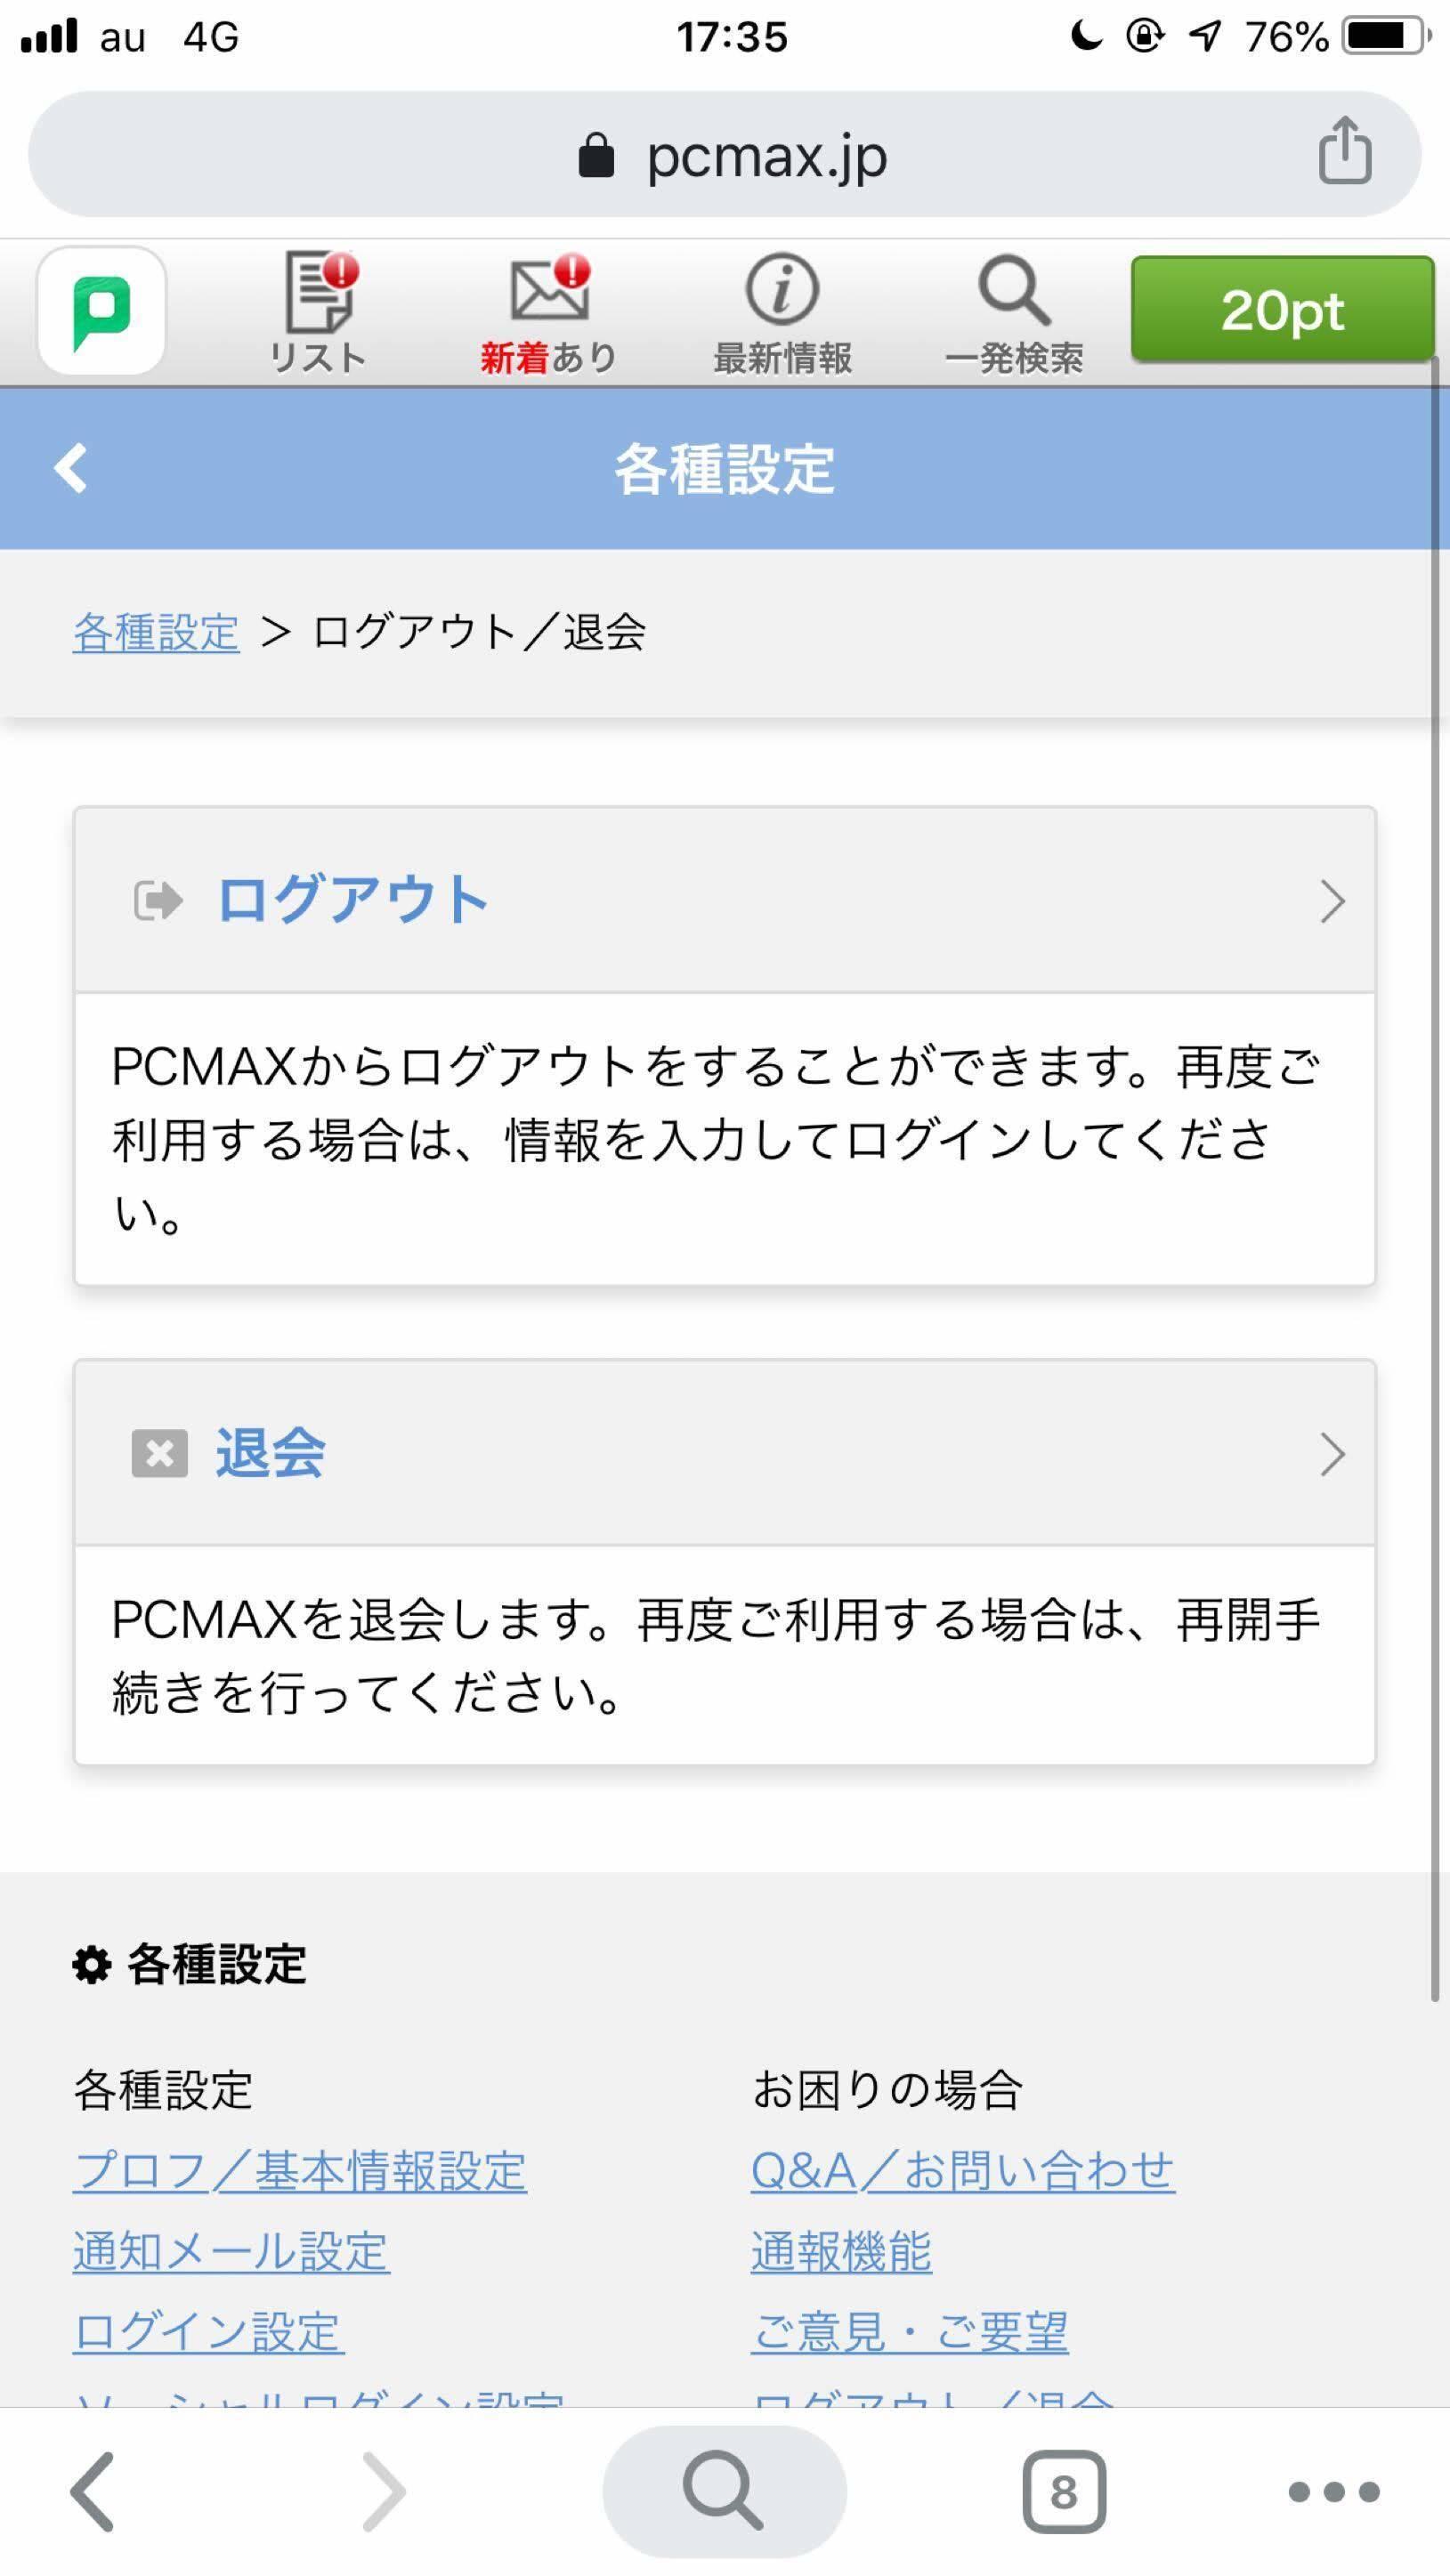 PC MAX(ピーシーマックス) 退会をタップ